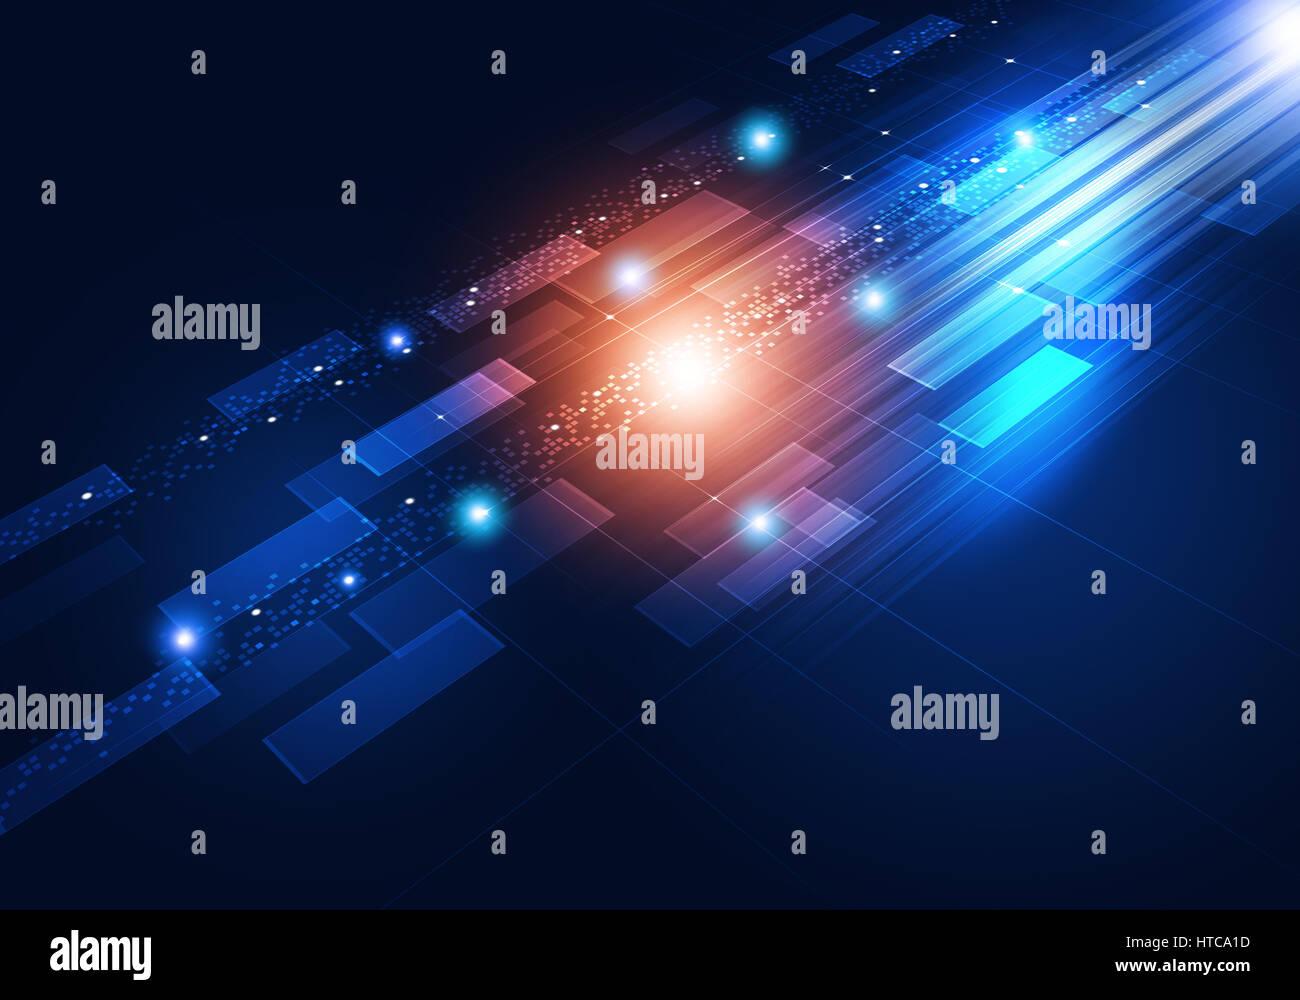 Tecnología de movimiento abstracto concepto azul de fondo de conexión Imagen De Stock